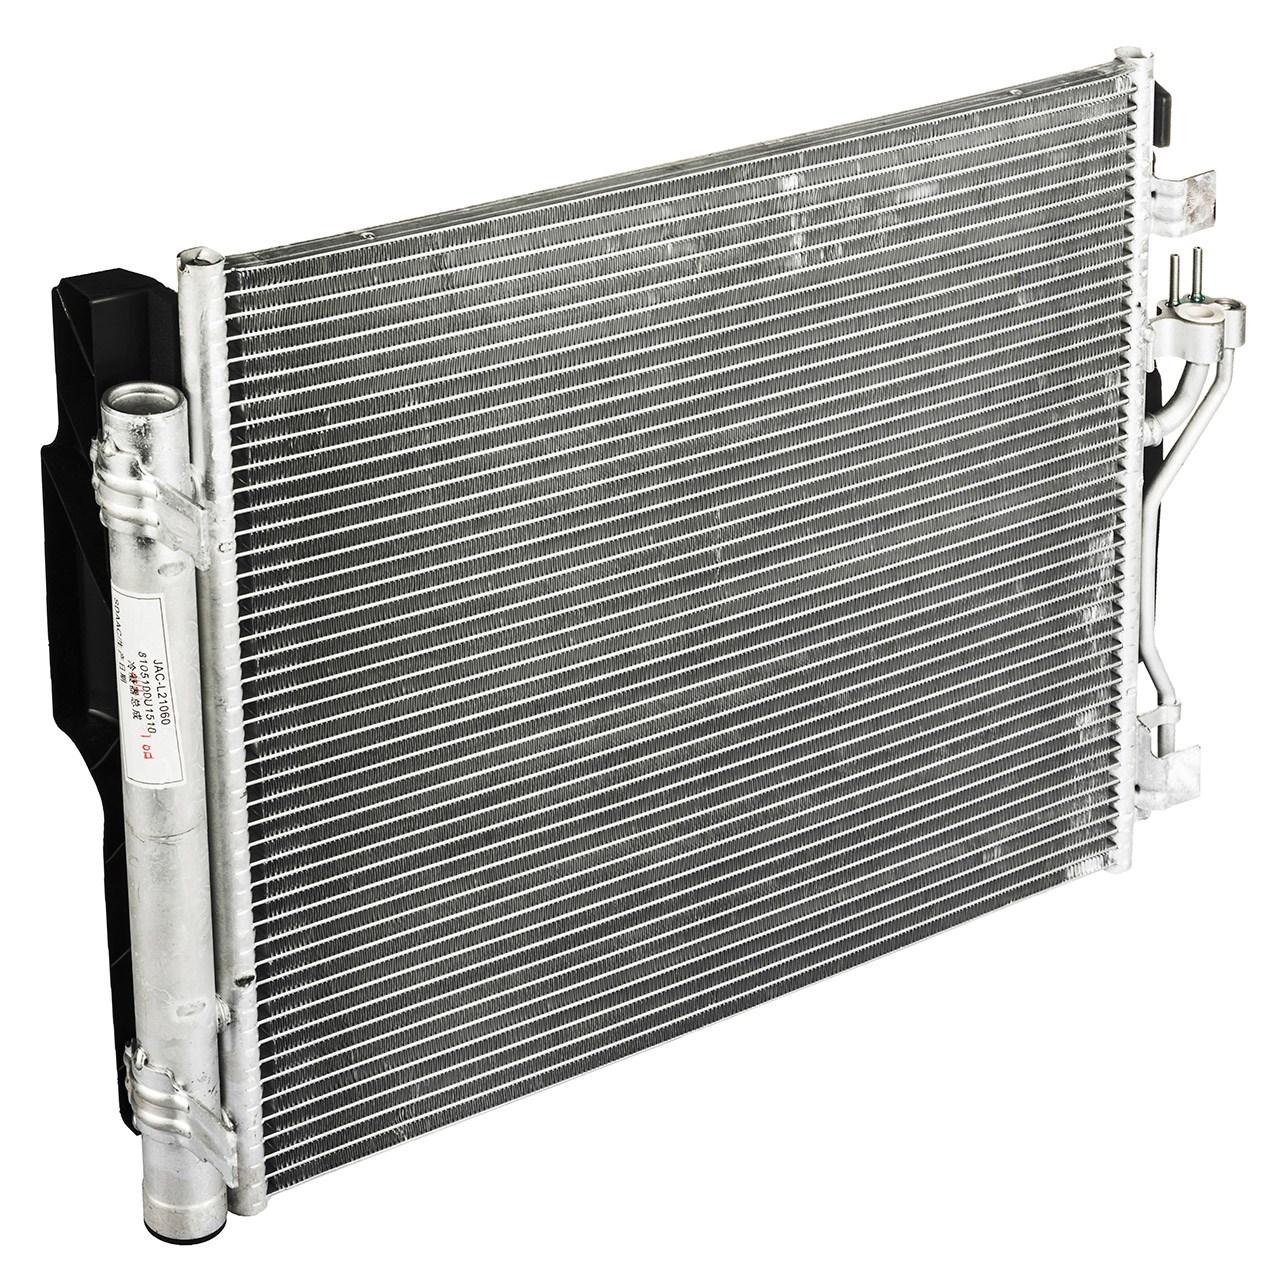 کندانسور کامل مدل 8105100U1510 مناسب برای خودروهای جک